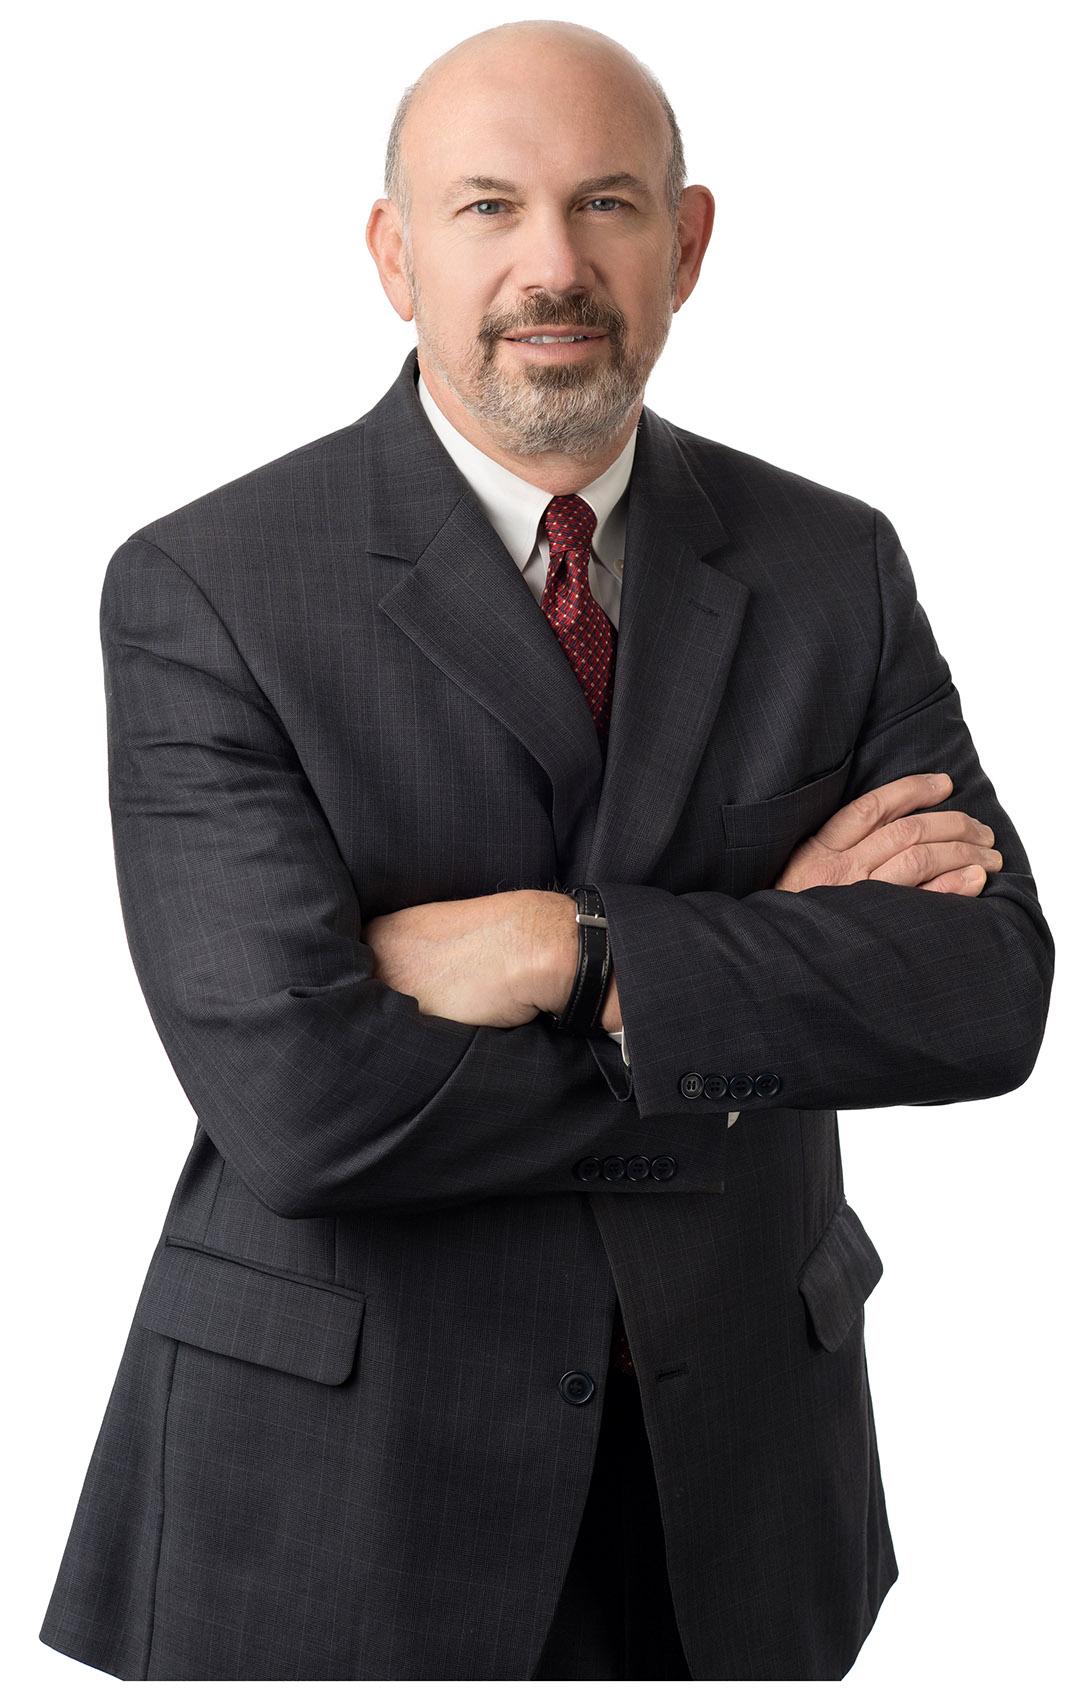 Michael F. Ruggio